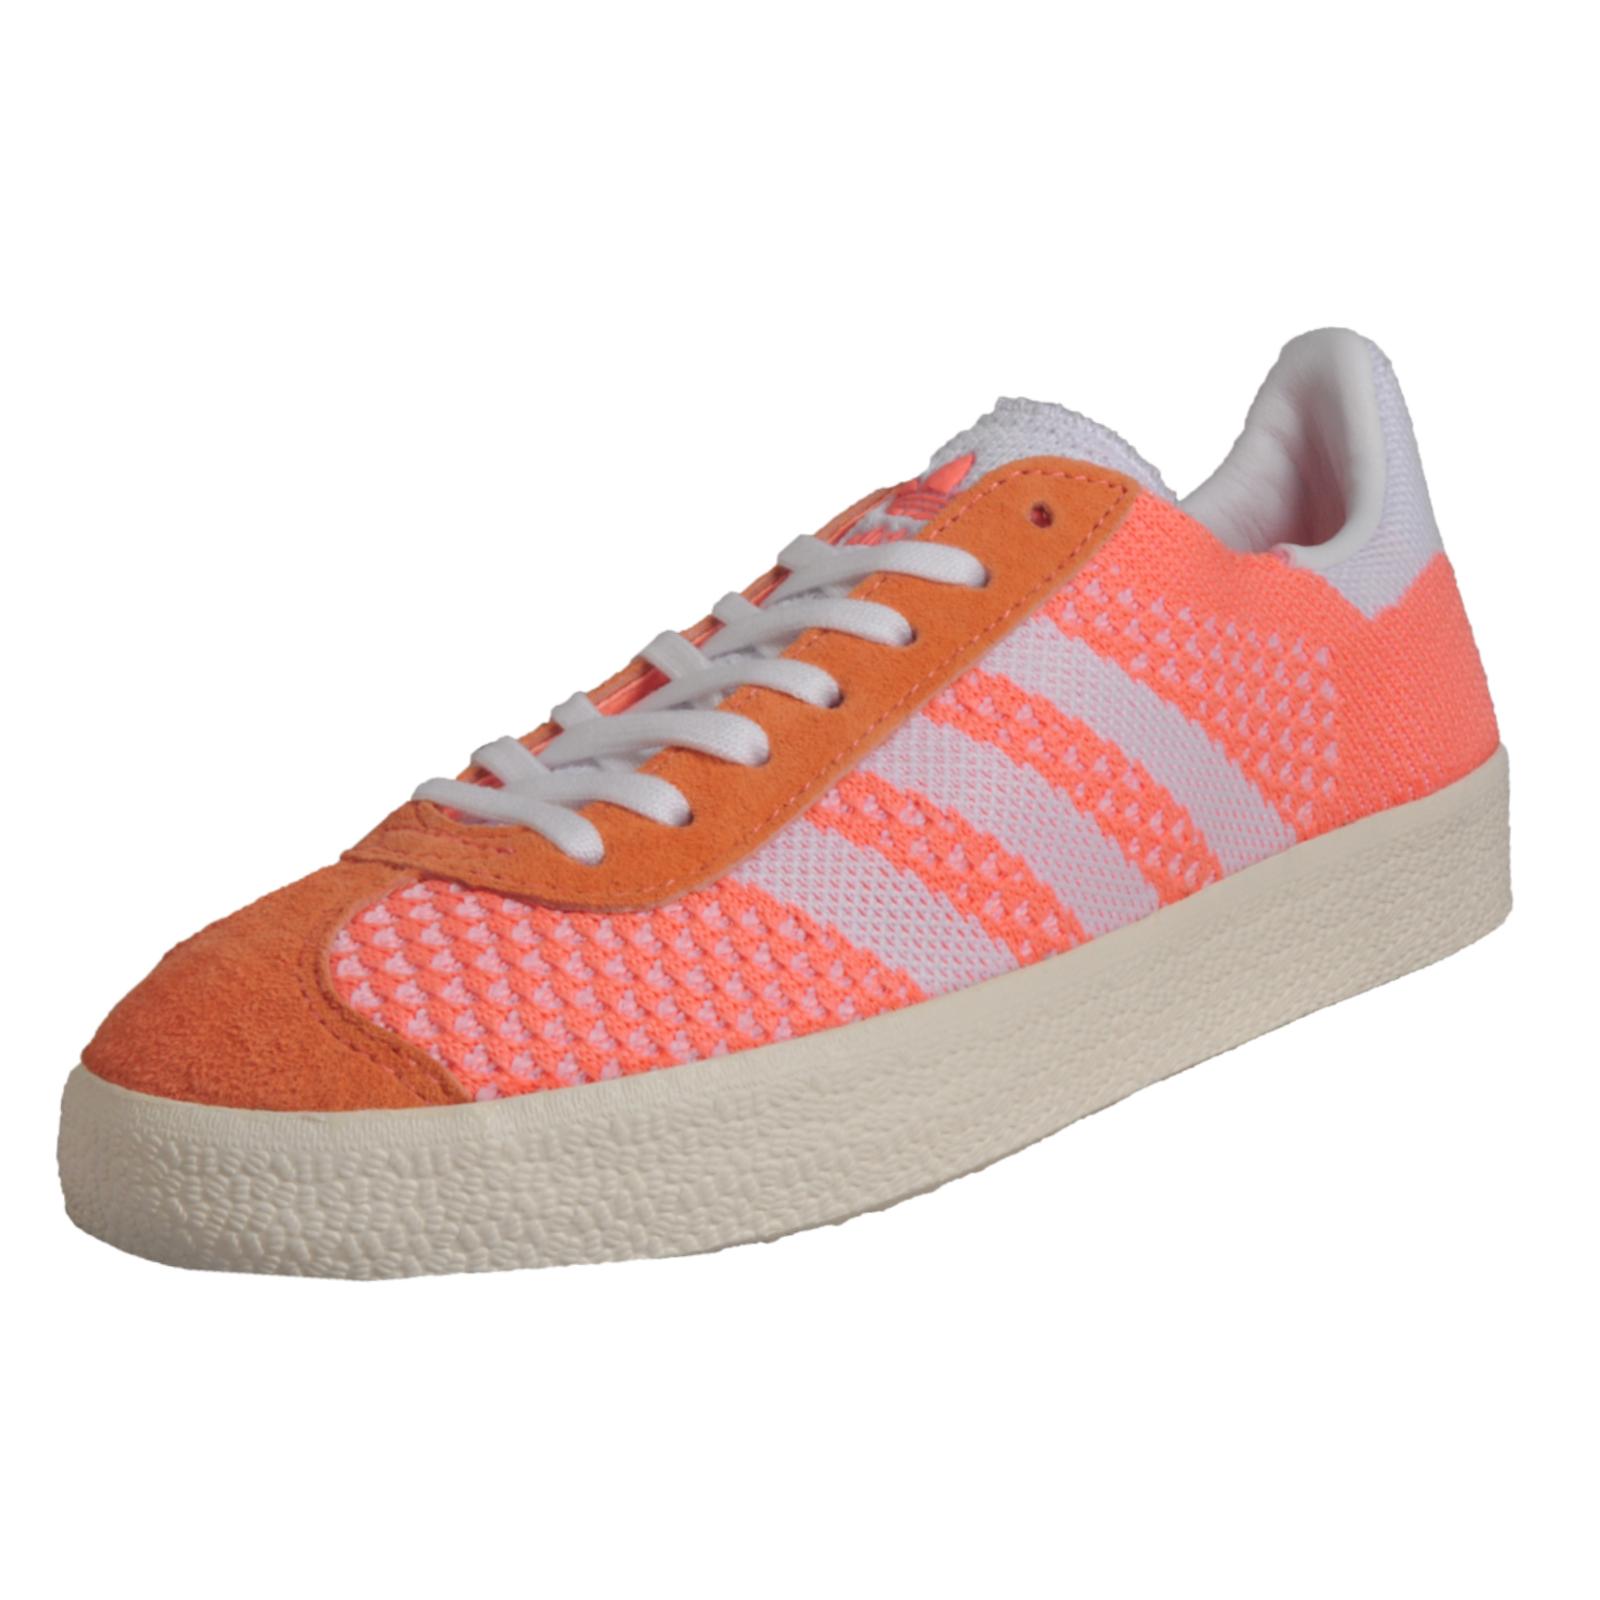 fe54b22f2334 Details about Adidas Originals Gazelle Women s Primeknit Classic Casual Retro  Vintage Trainers